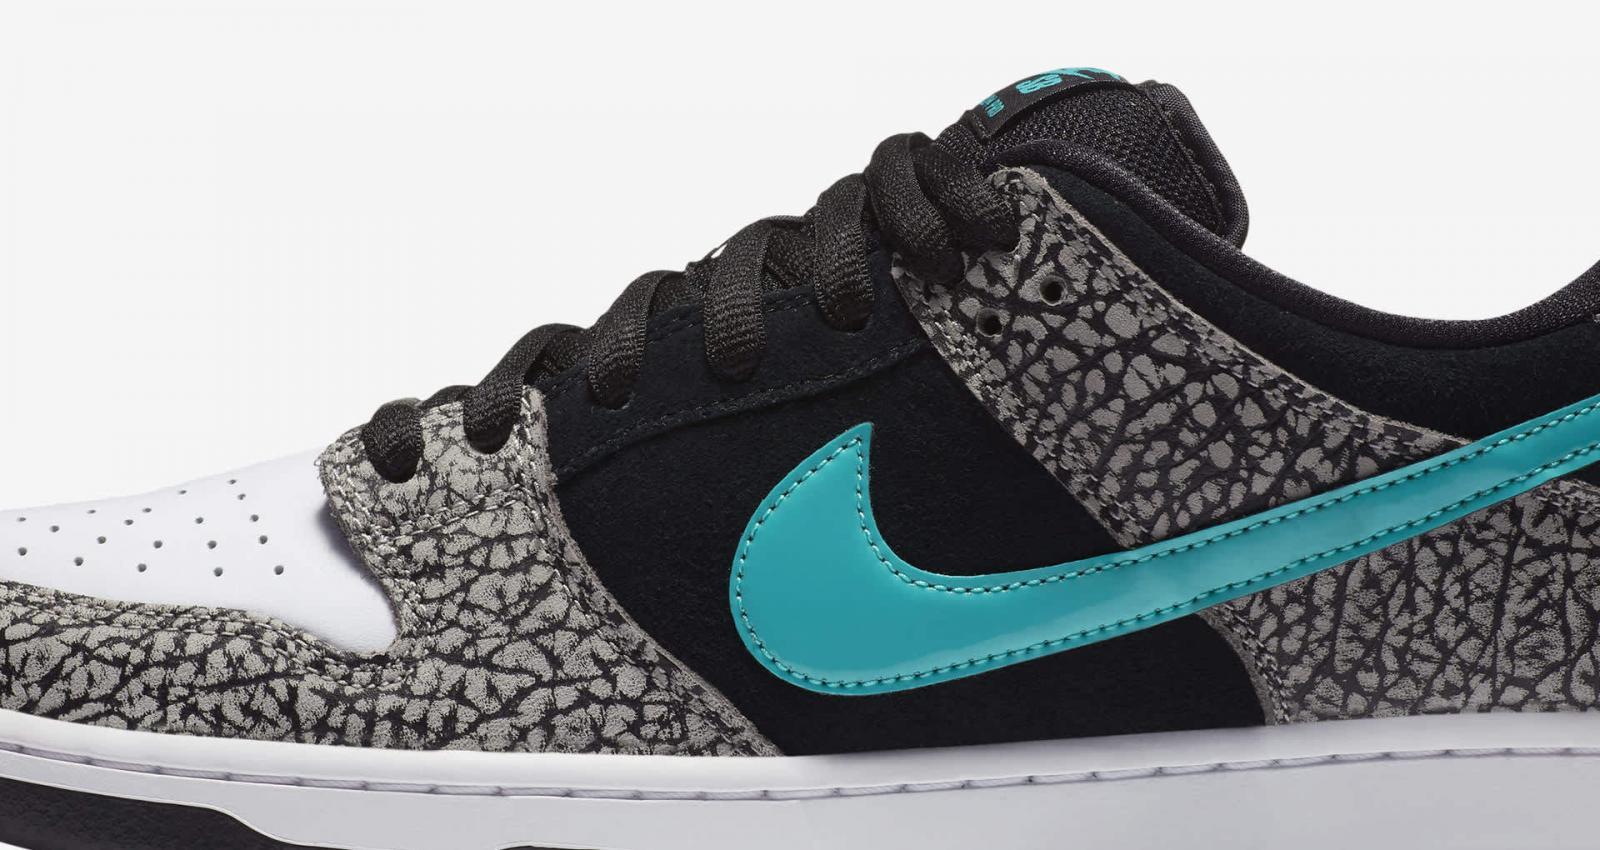 演绎经典AM1配色设计,Nike SB发布全新Dunk Low Pro